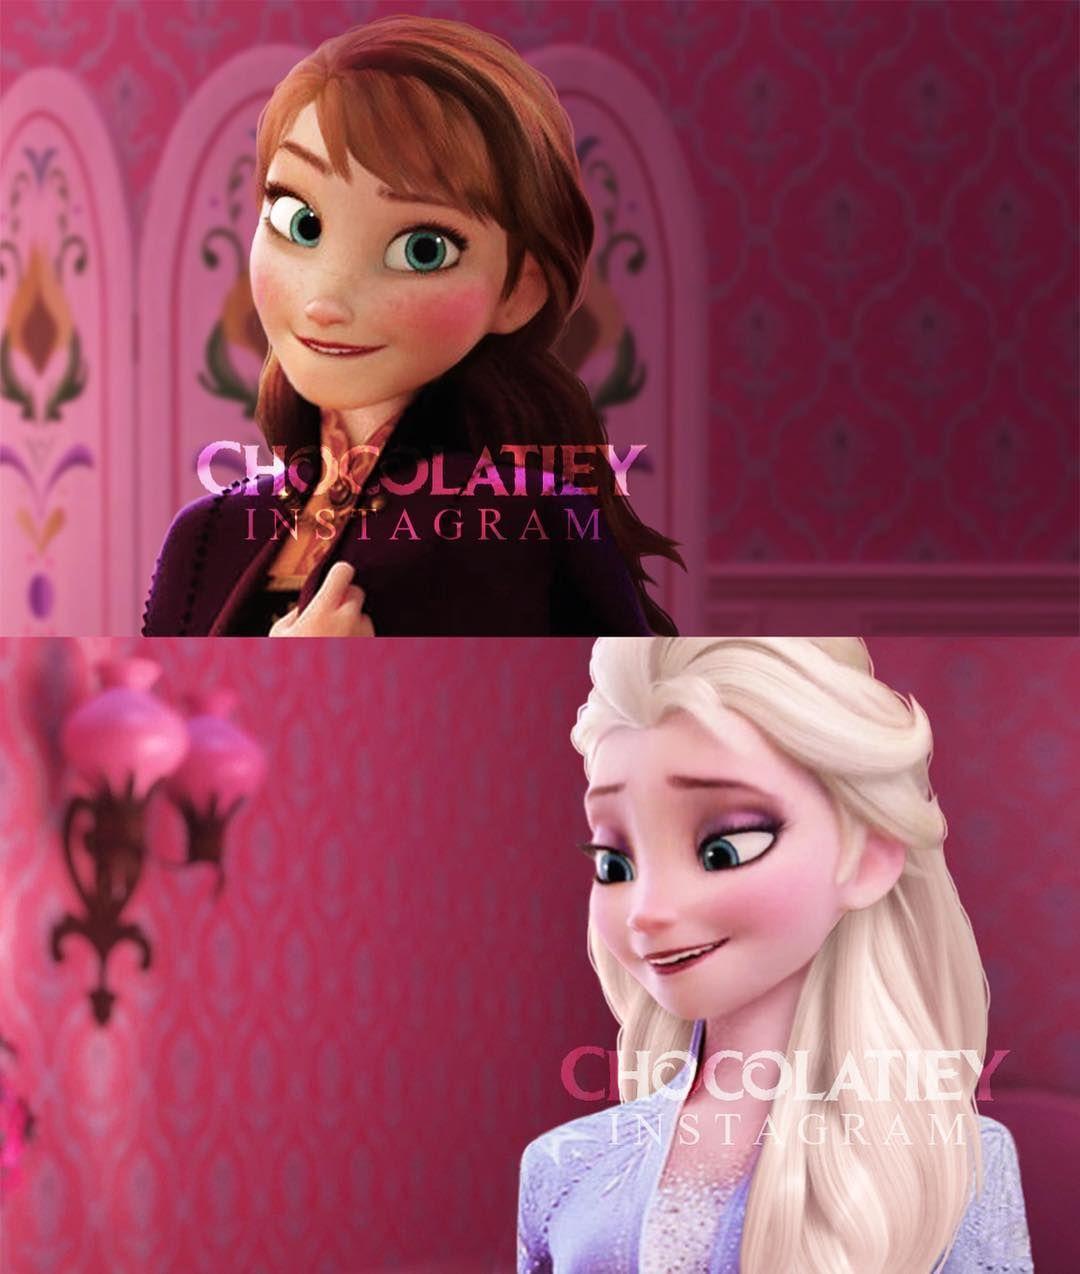 Na Dannom Izobrazhenii Mozhet Nahoditsya 2 Cheloveka Disney Princess Images Disney Frozen Elsa Disney Princess Art